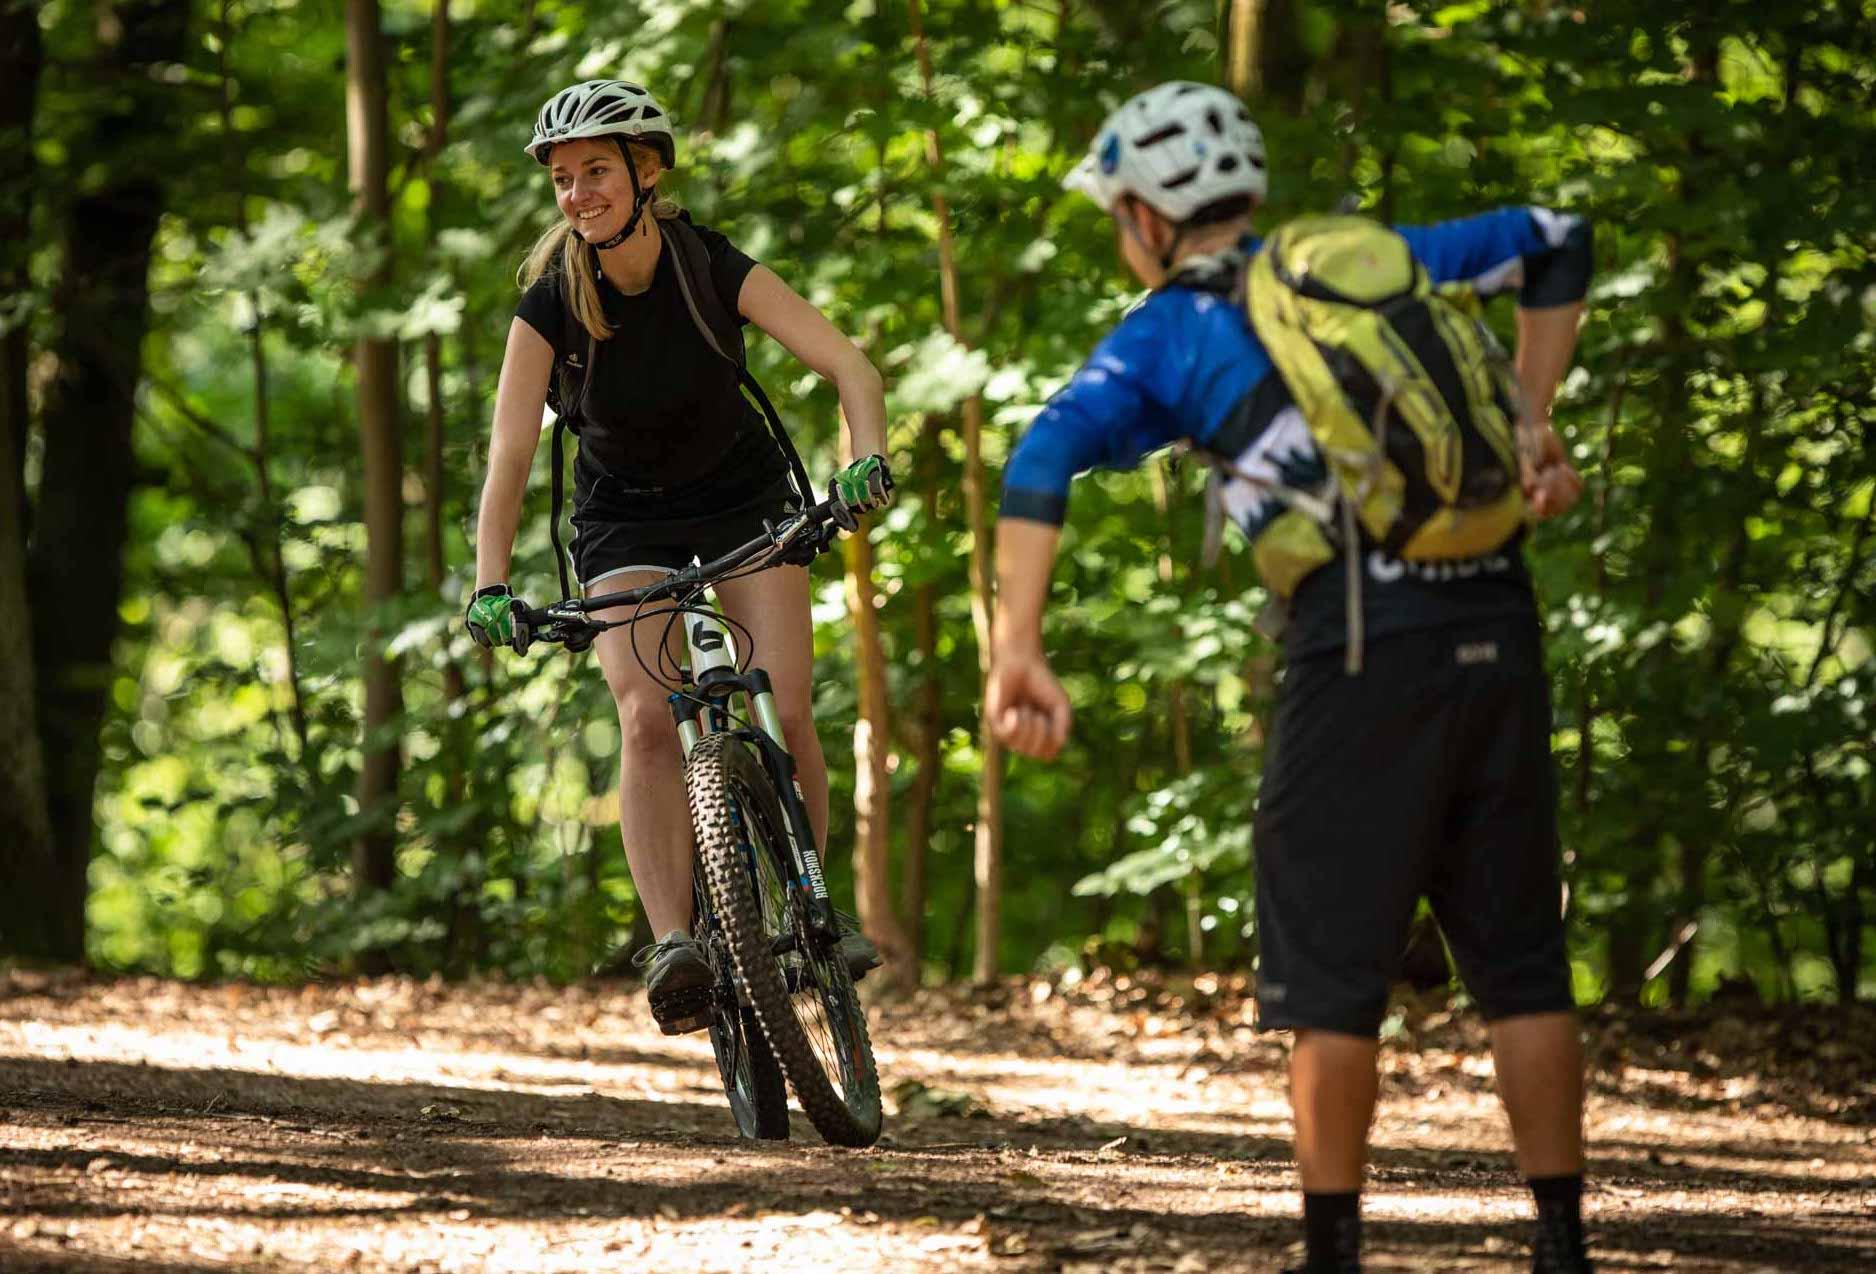 MTB Fahrtechnik Kurs für Einsteiger in Siegburg   Bonn - Mountainbike Basic - Rock my Trail Bikeschule - 26